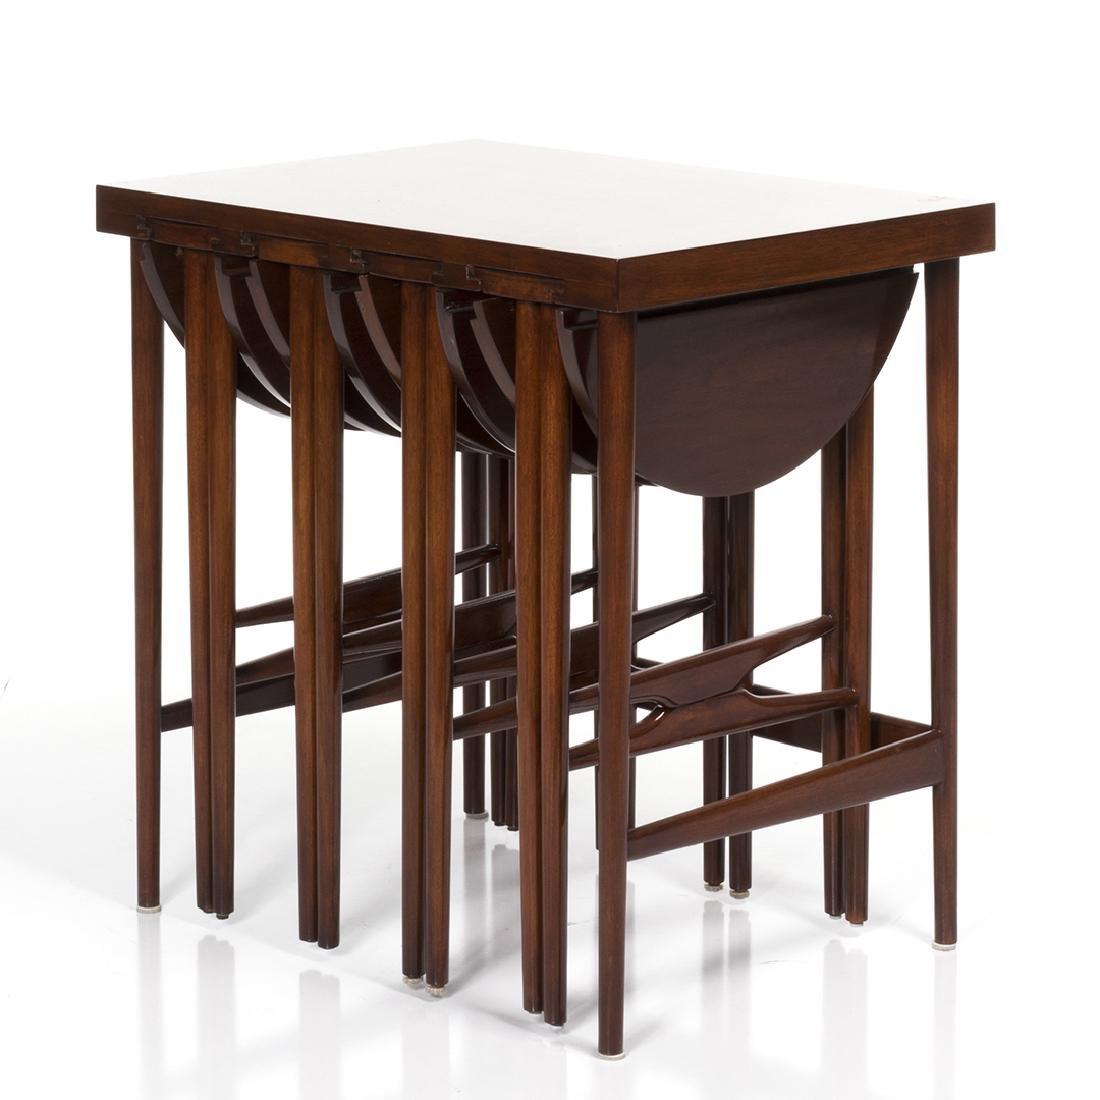 Bertha Schaeffer Nesting Tables - 2